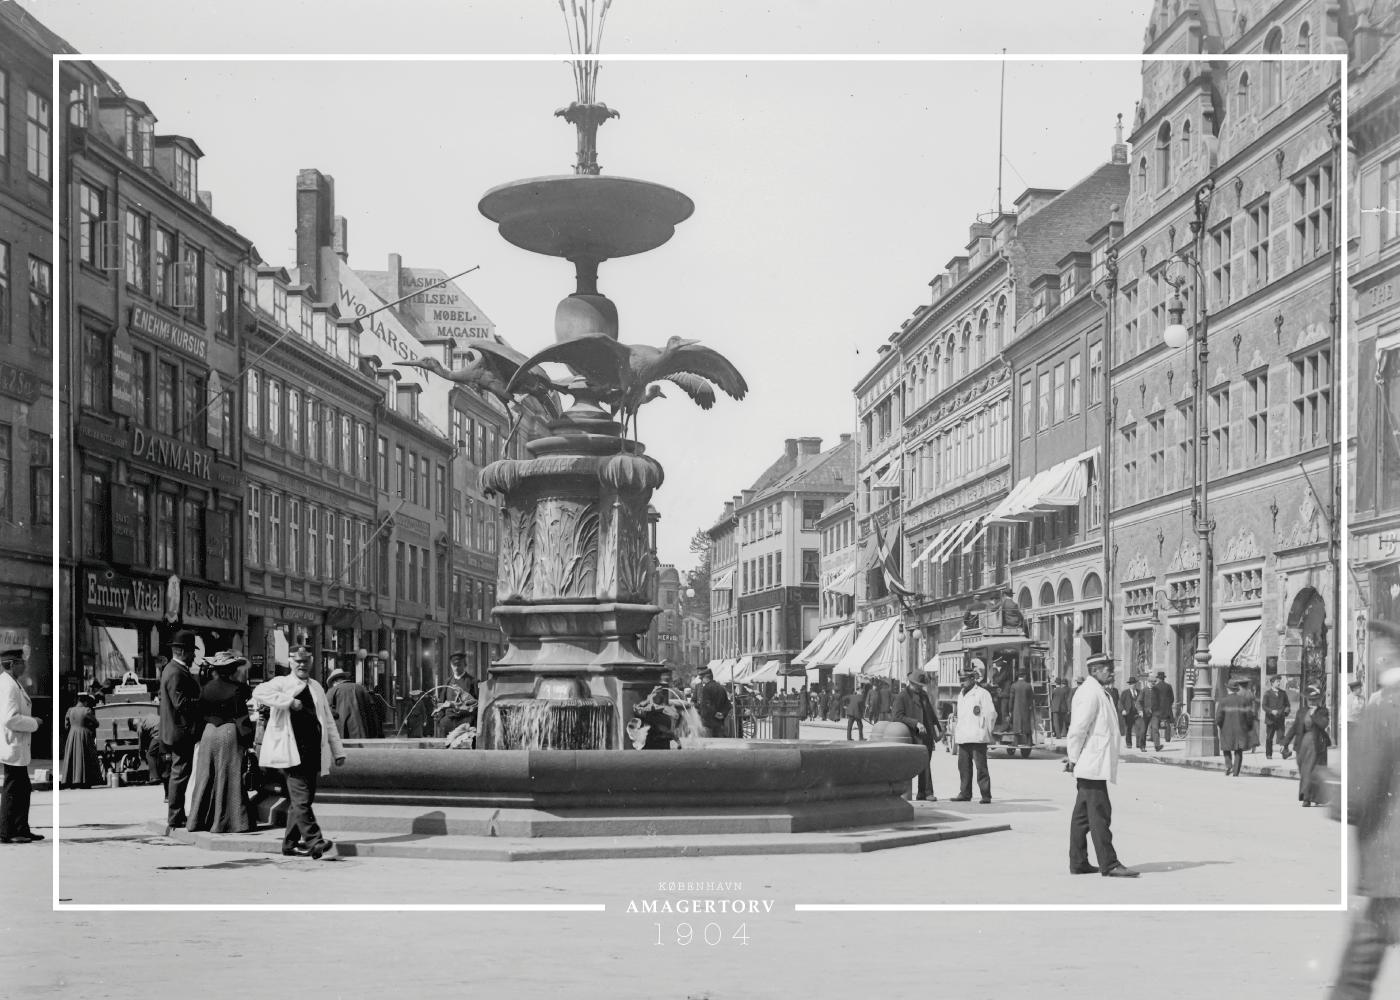 Billede af Storkespringvandet - Gamle billeder af København plakat